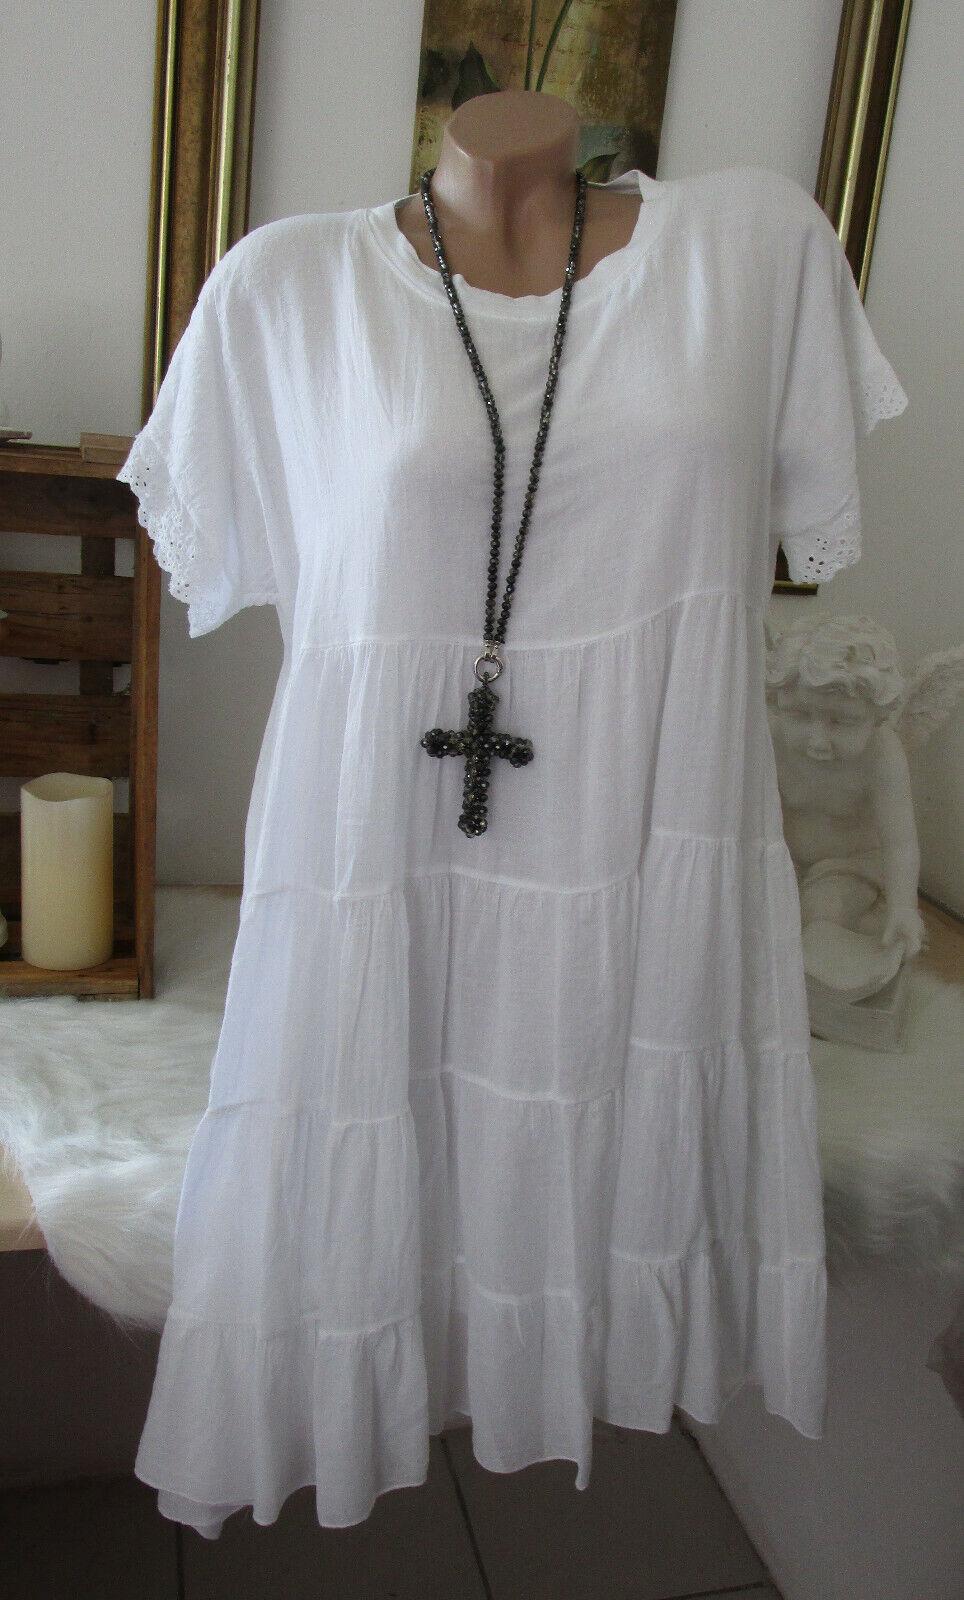 Neu Italy Sommer Oversize Shirtkleid Kleid Baumwolle Blogger Weiß 38 40 42